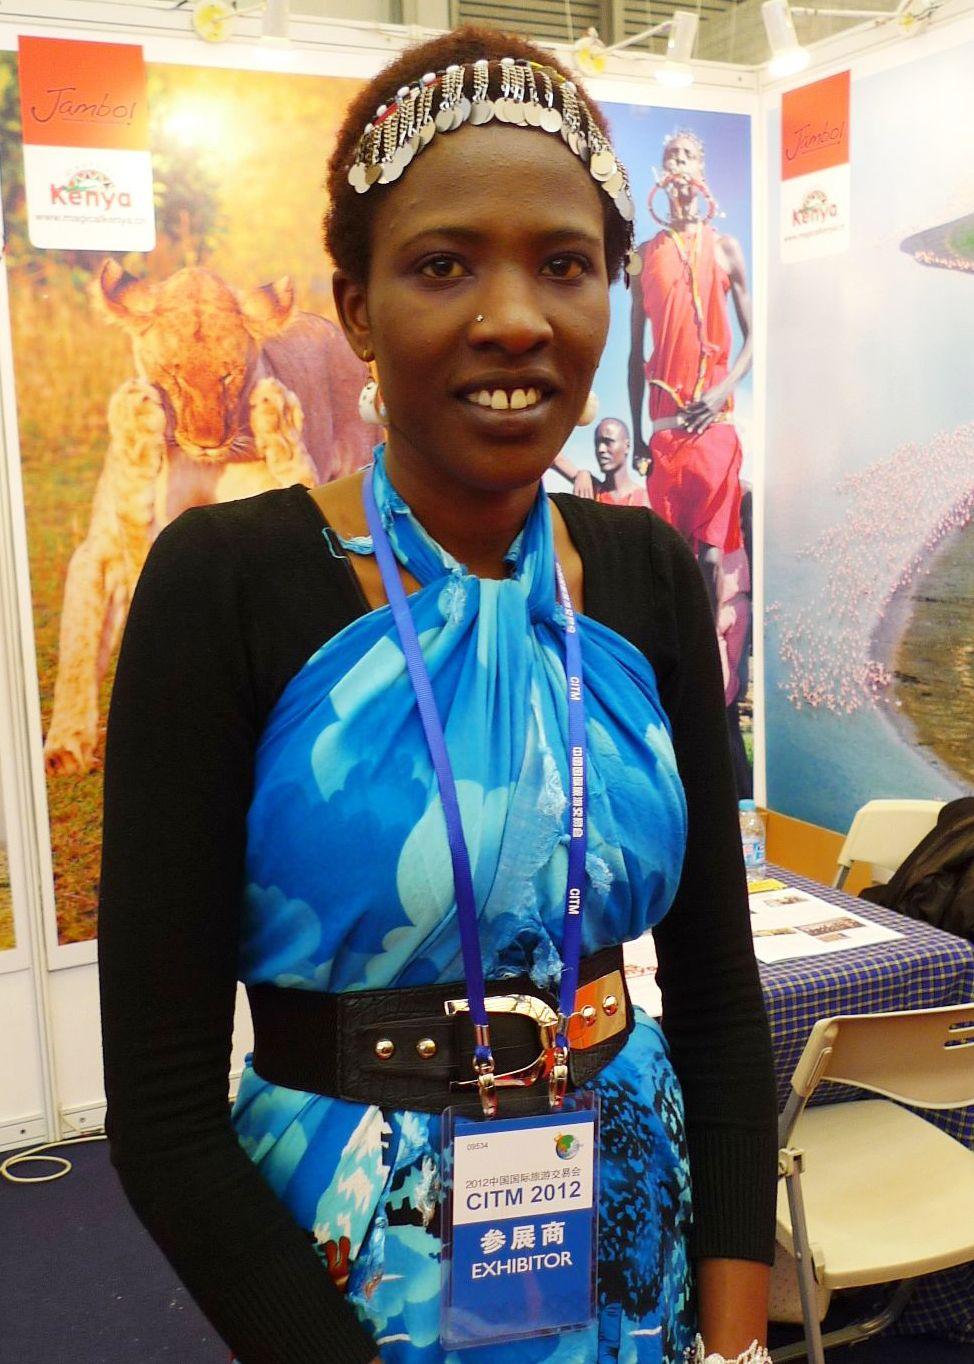 肯尼亚旅游资源推广